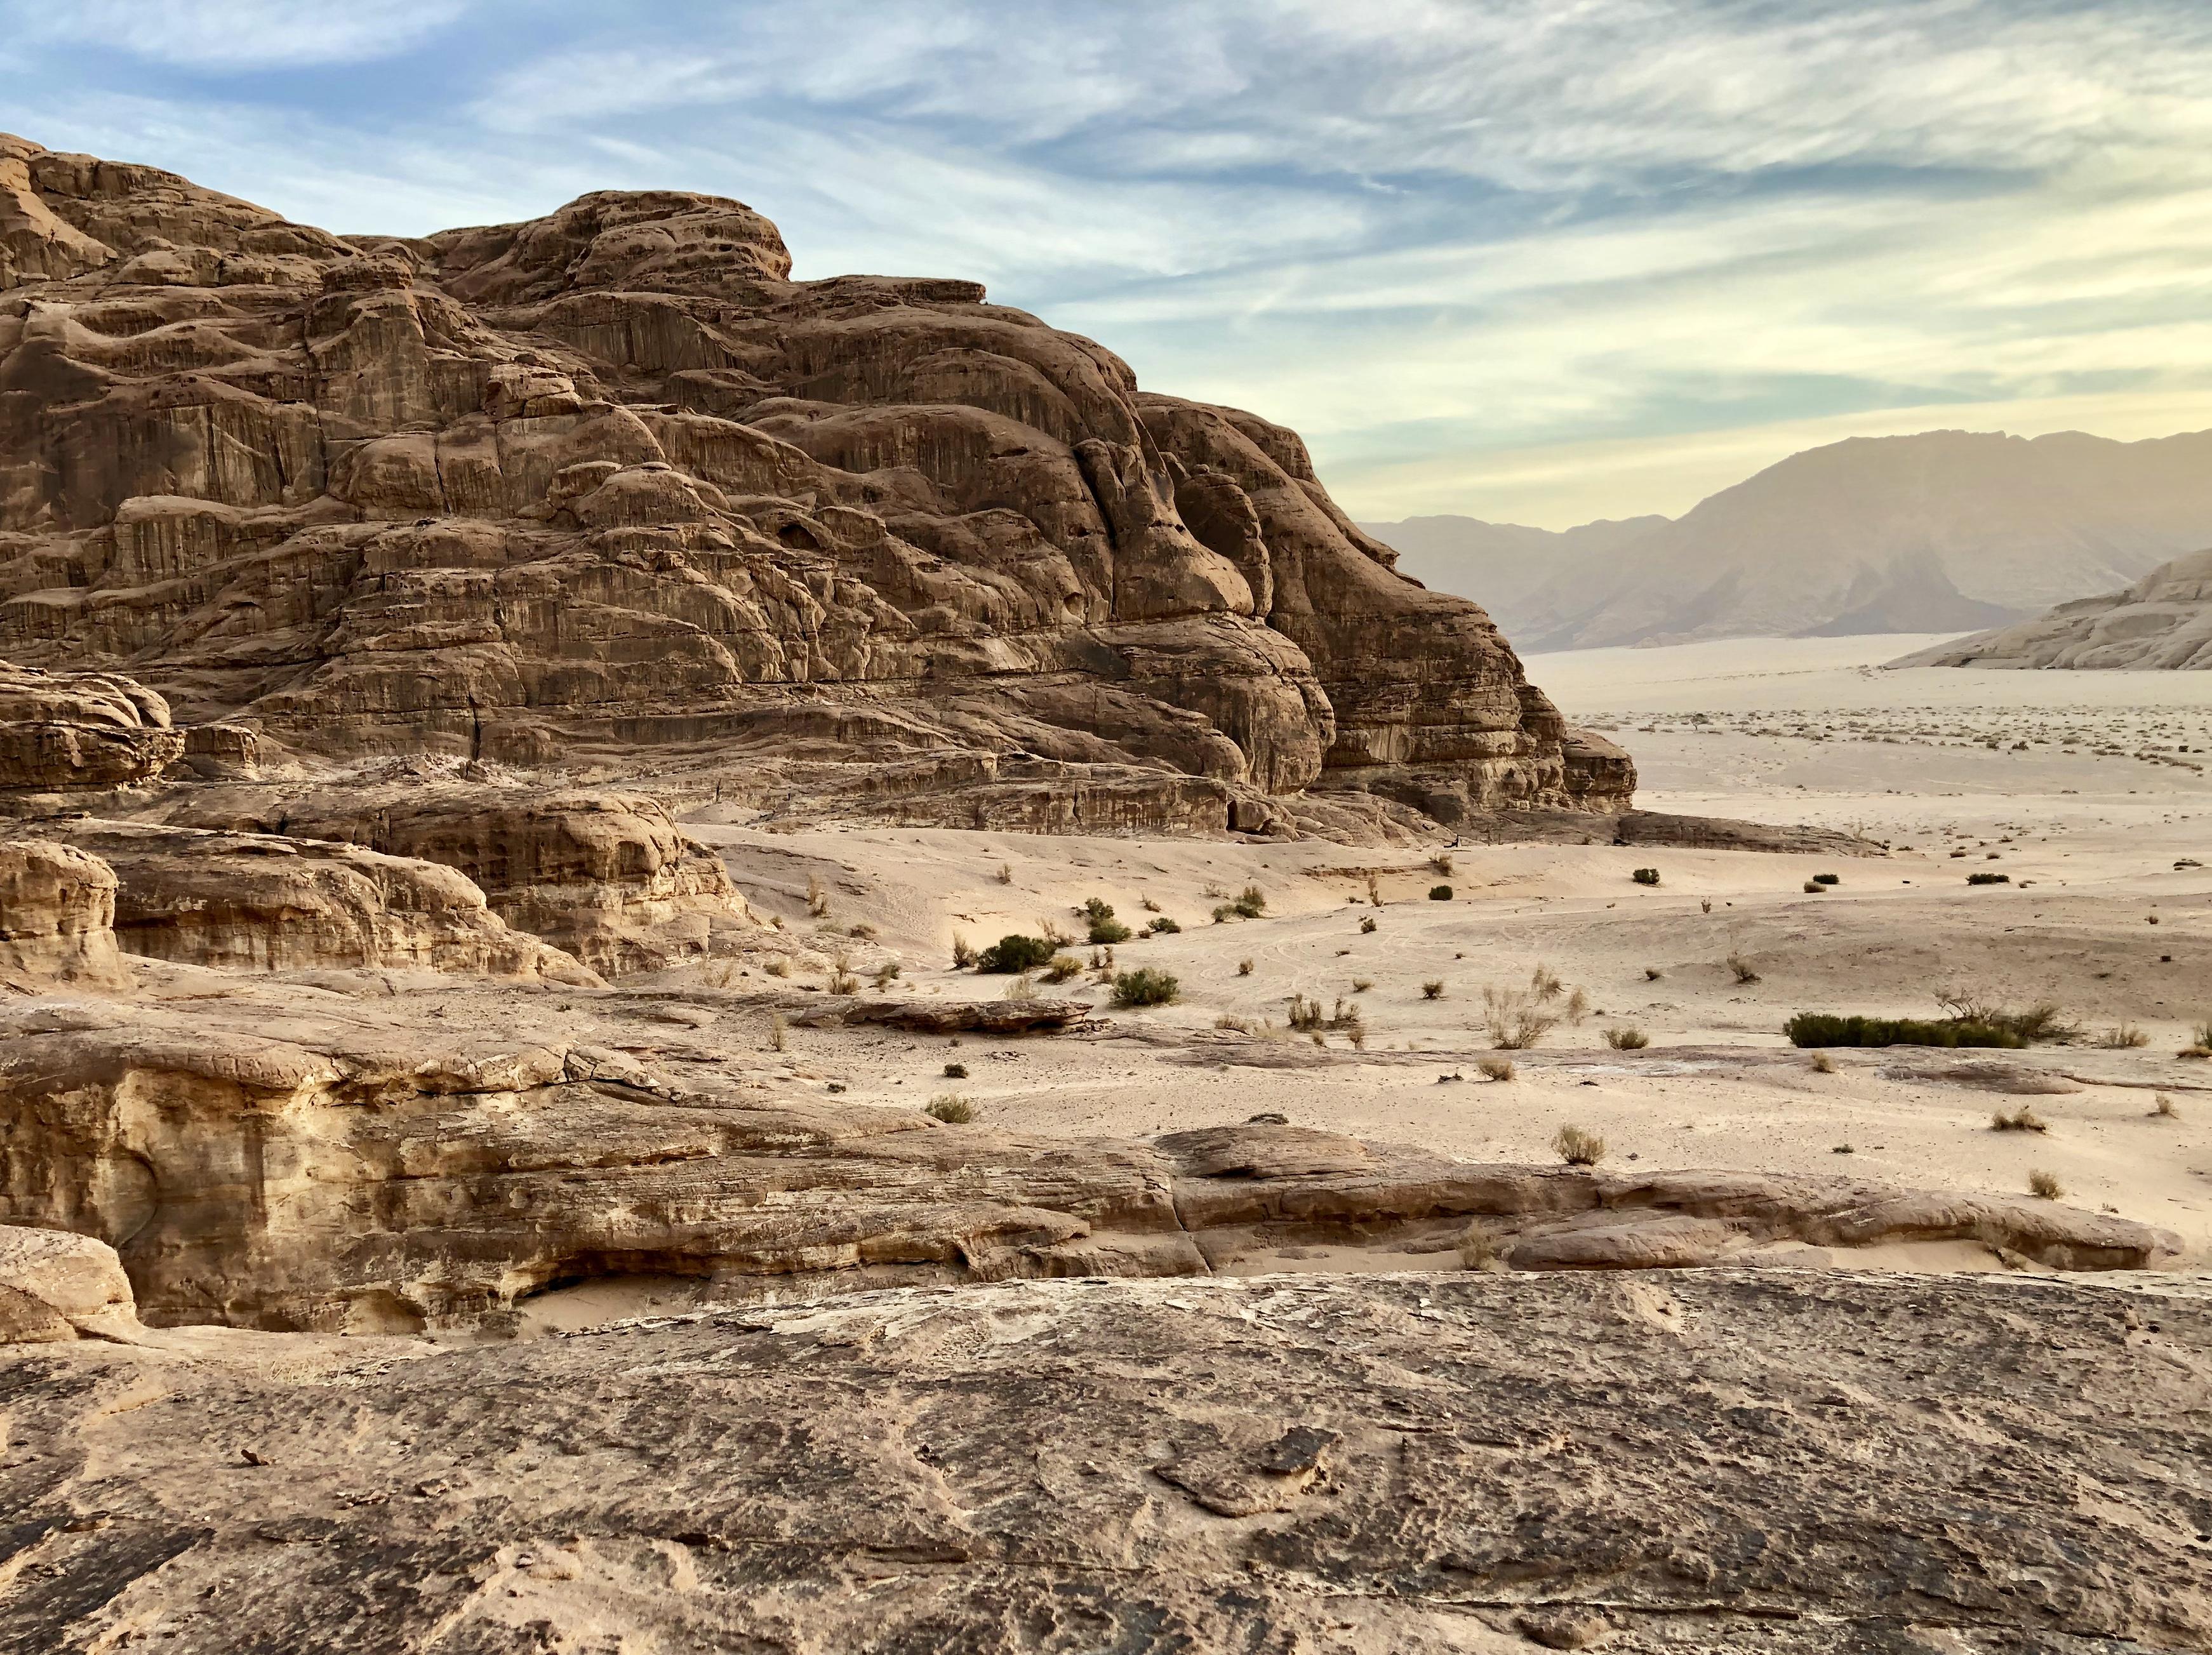 The Beauty of Wadi Rum